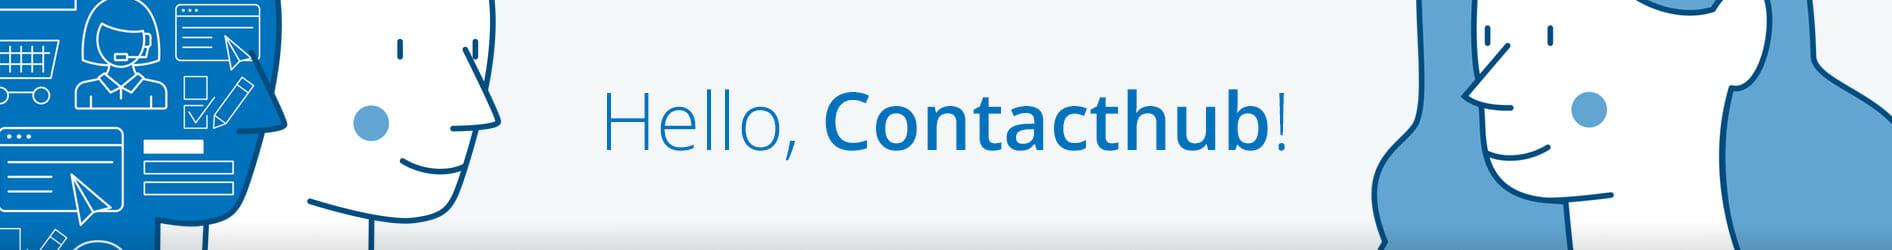 Hello, Contacthub!